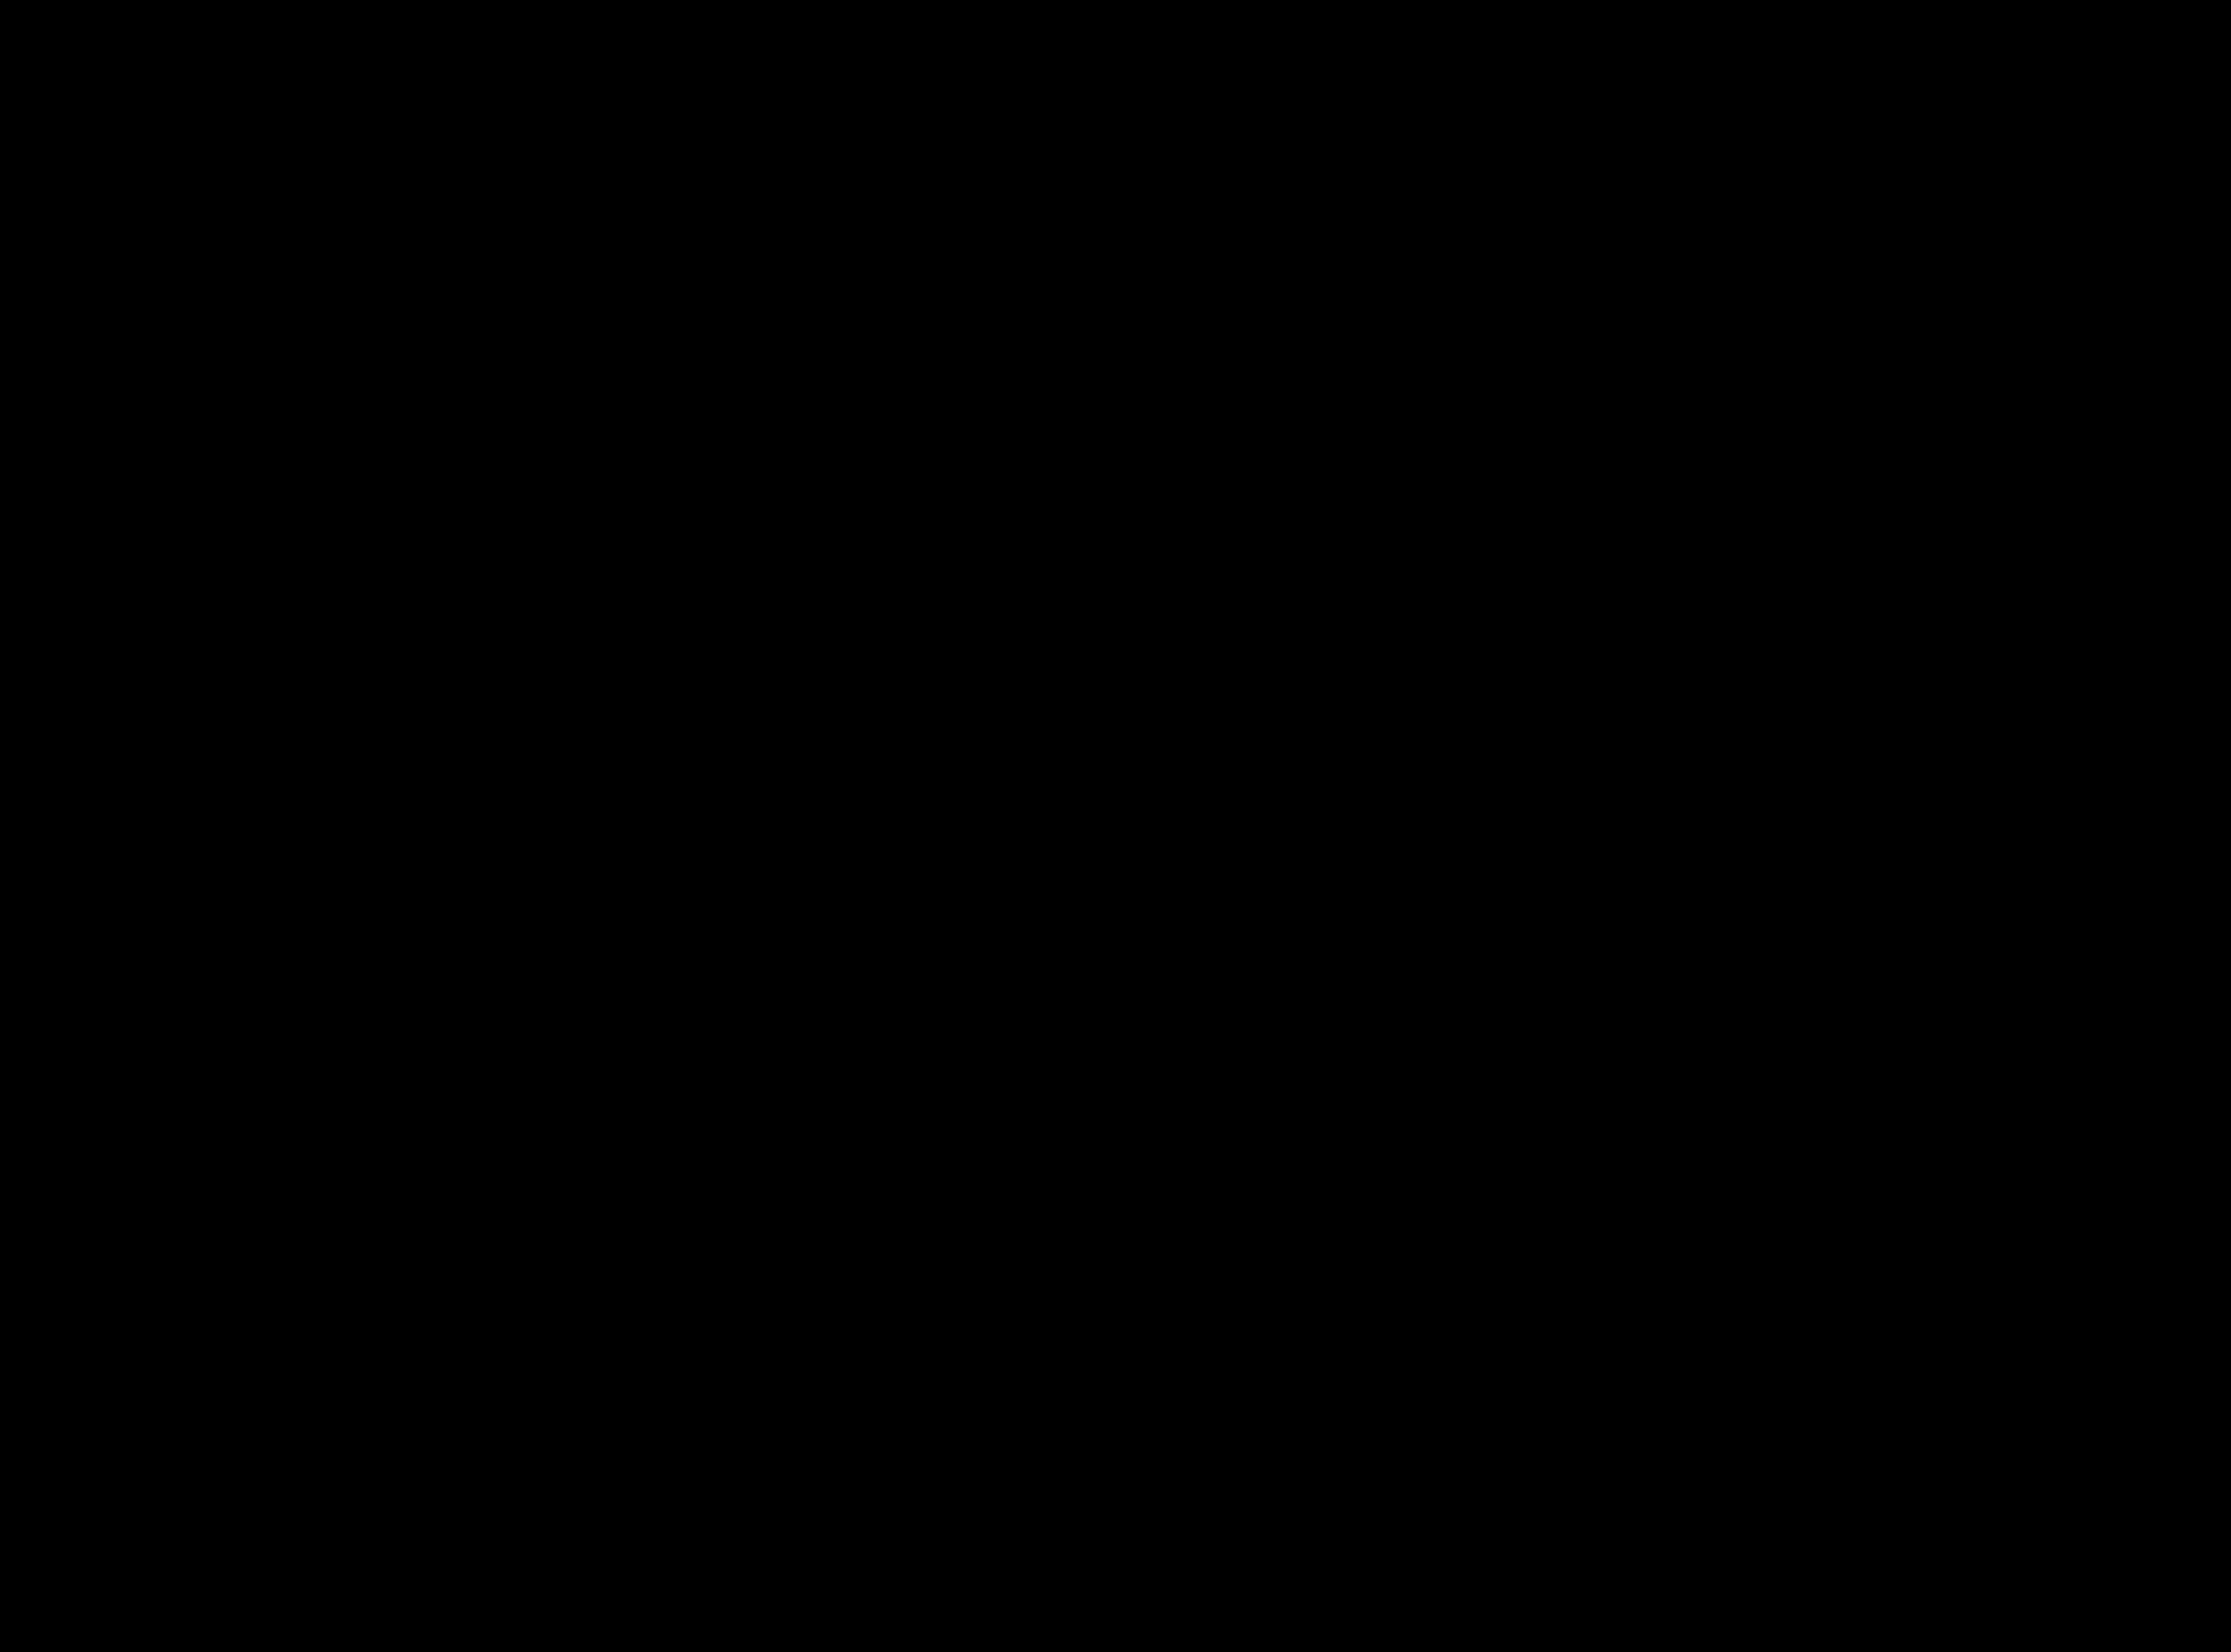 Szczegolowa Mapa Geologiczna Polski 1 50 000 Smgp Arkusz Sochaczew